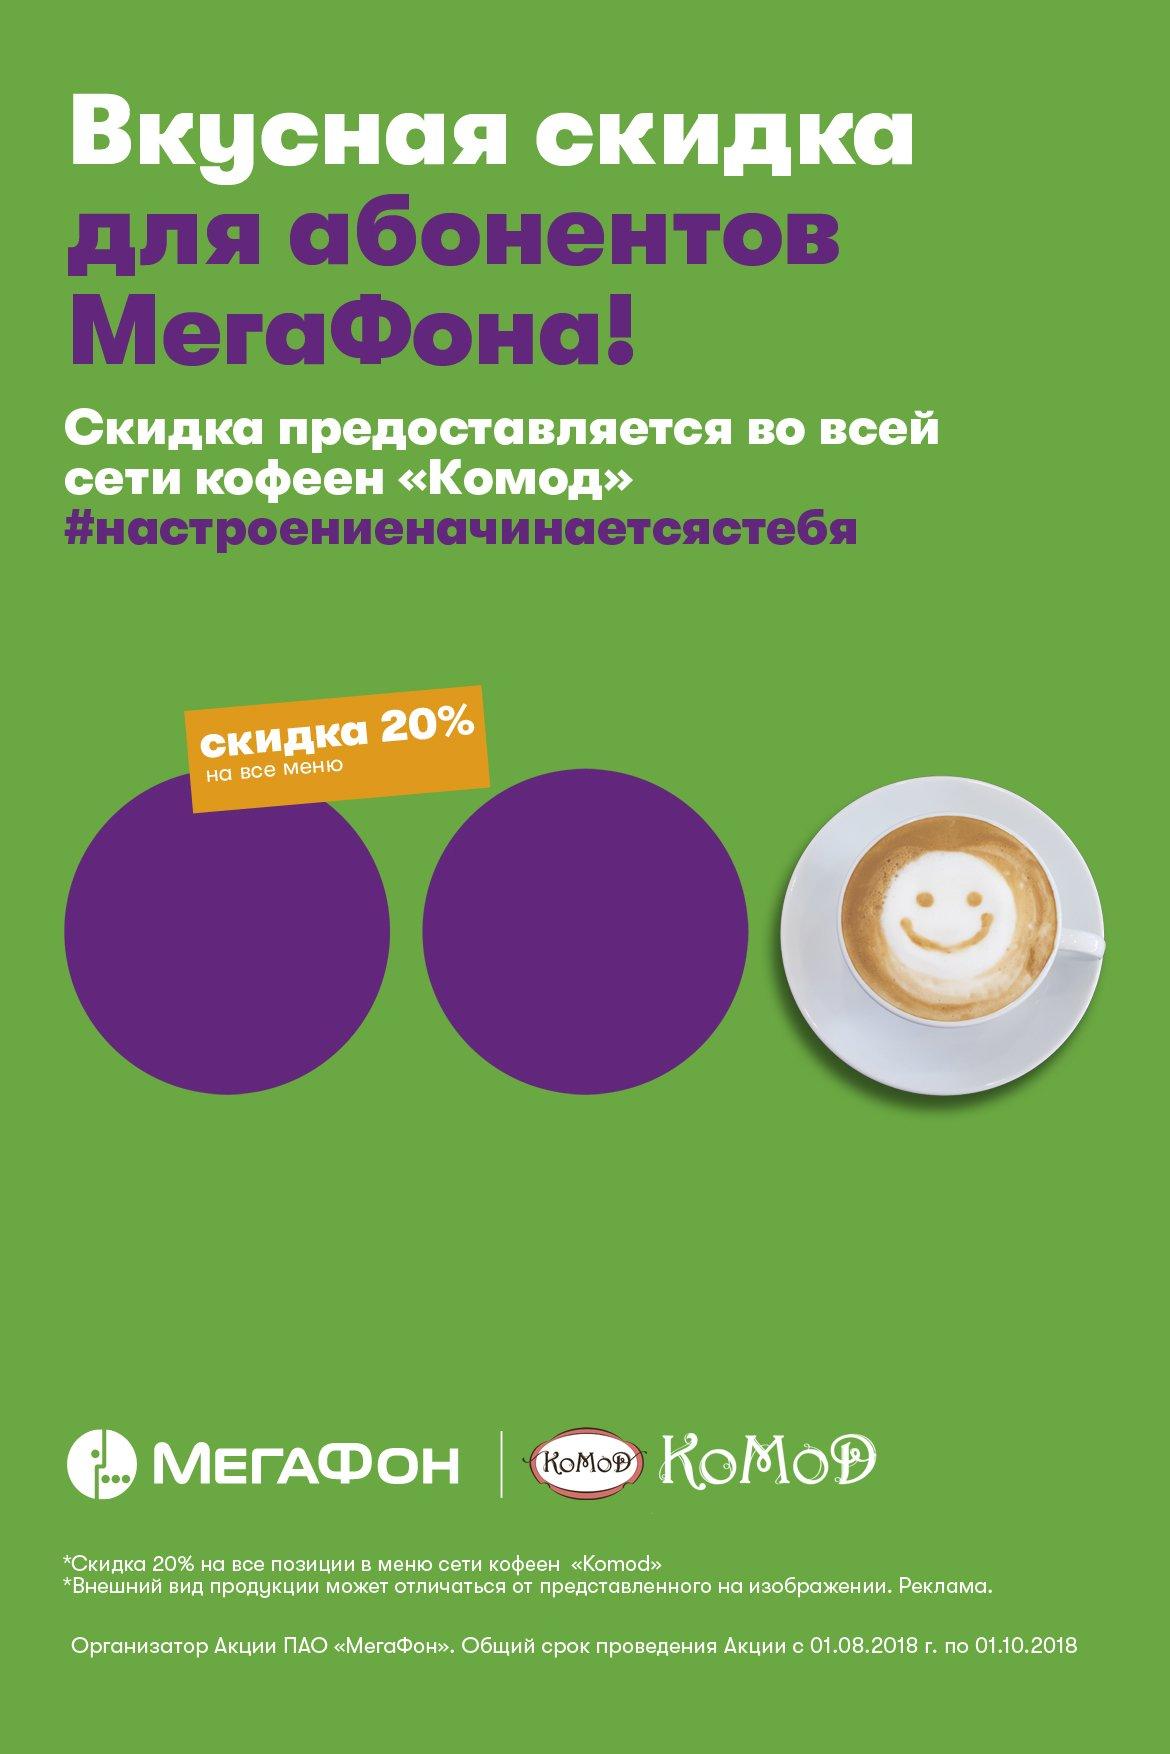 «МегаФон» дарит скидки любителям кофе, фото-1